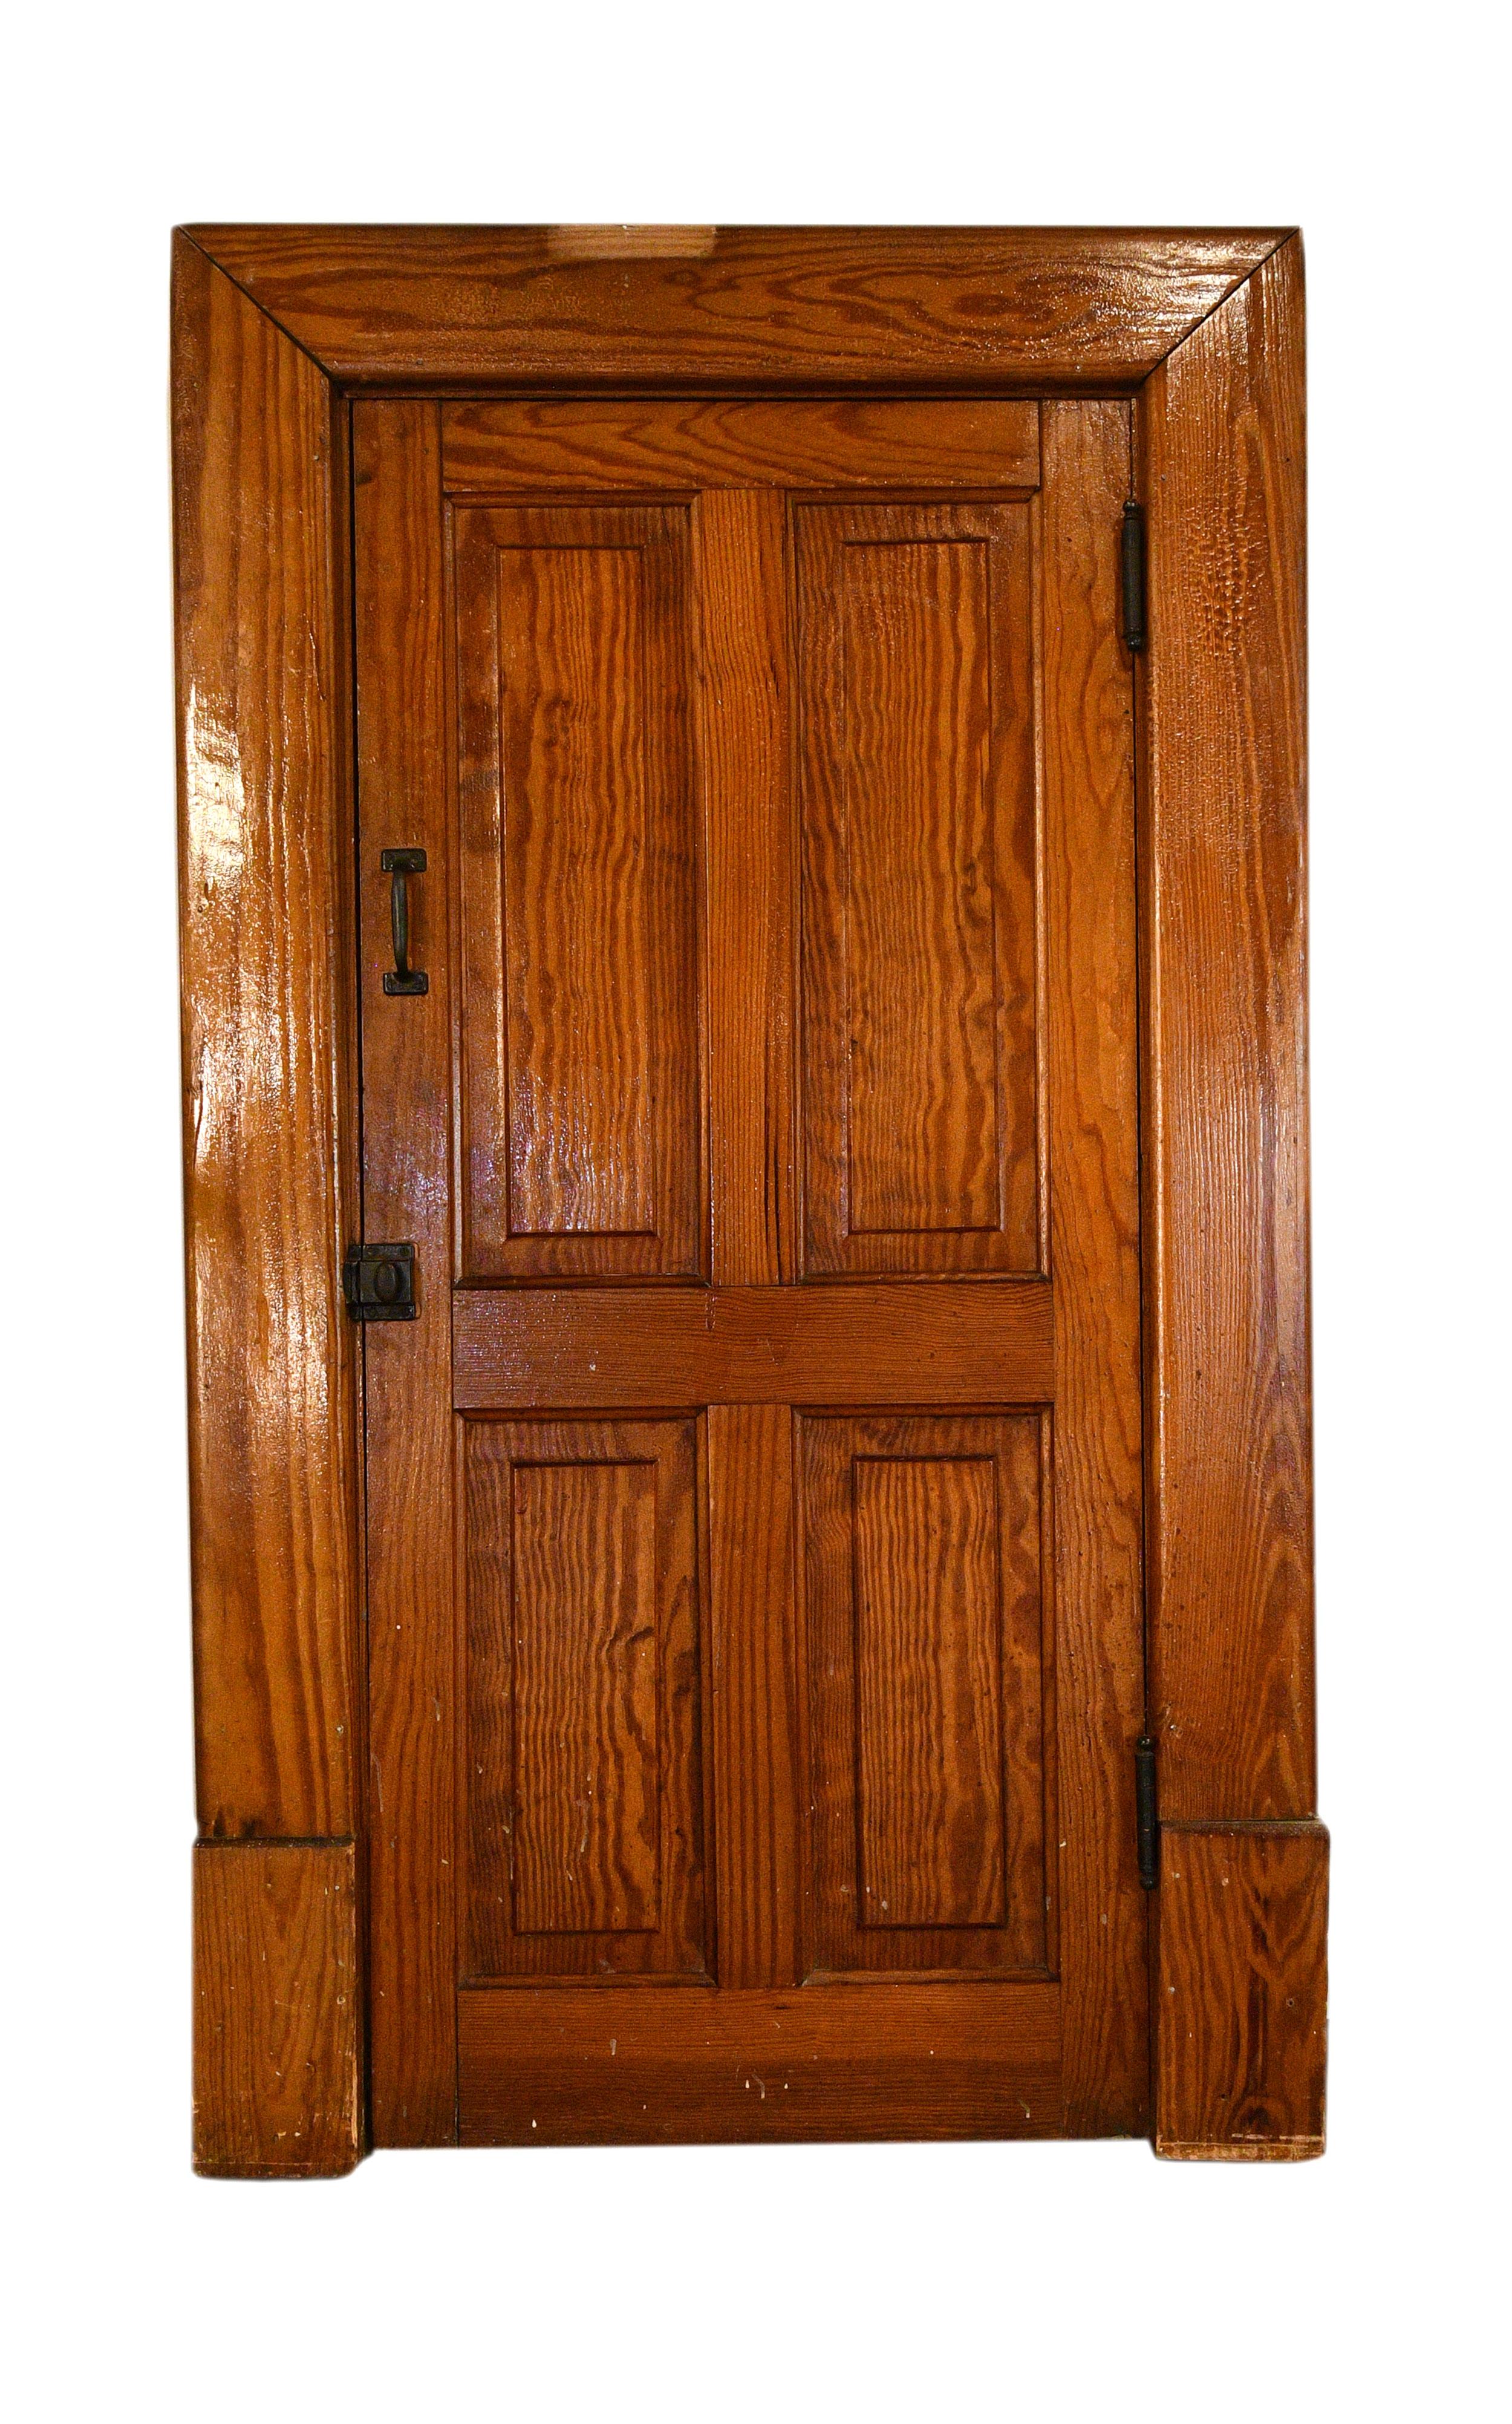 petite-door-1.jpg